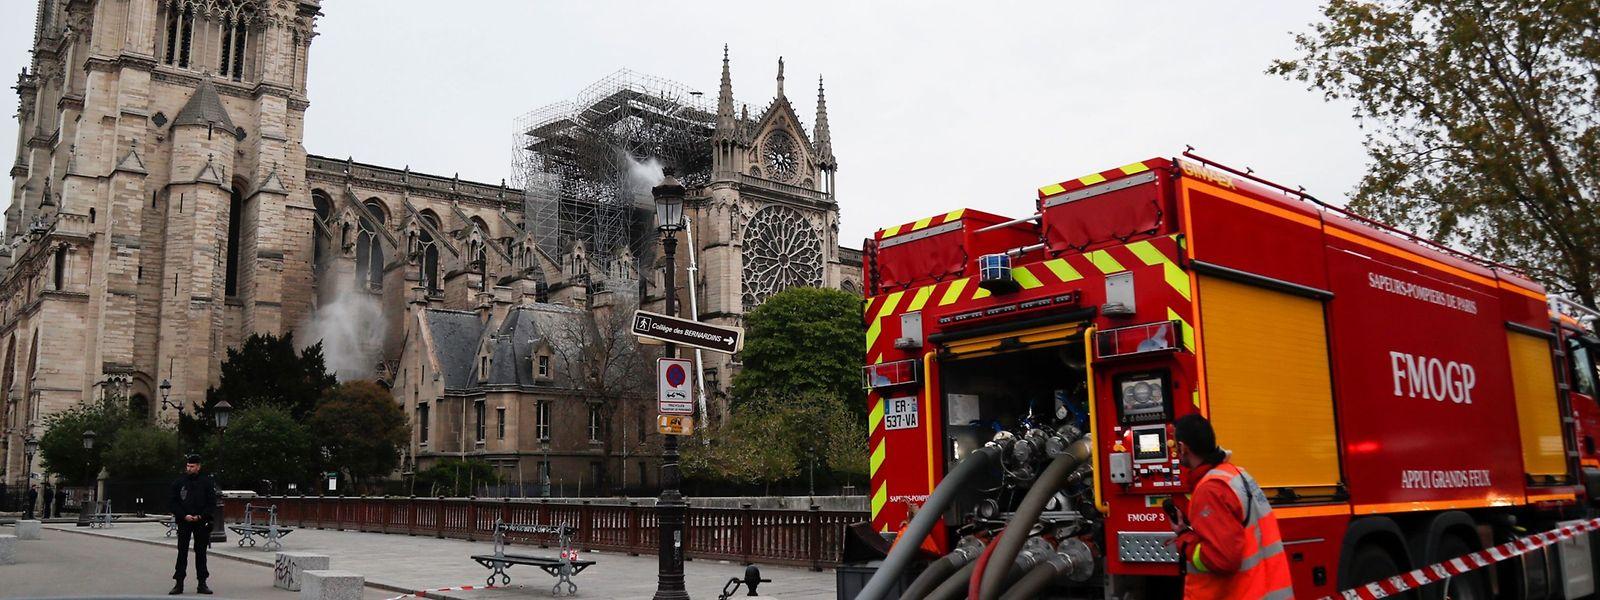 Quelques heures après le début de l'incendie qui a ravagé Notre-Dame de Paris, des messages de soutien ont afflué du monde entier.